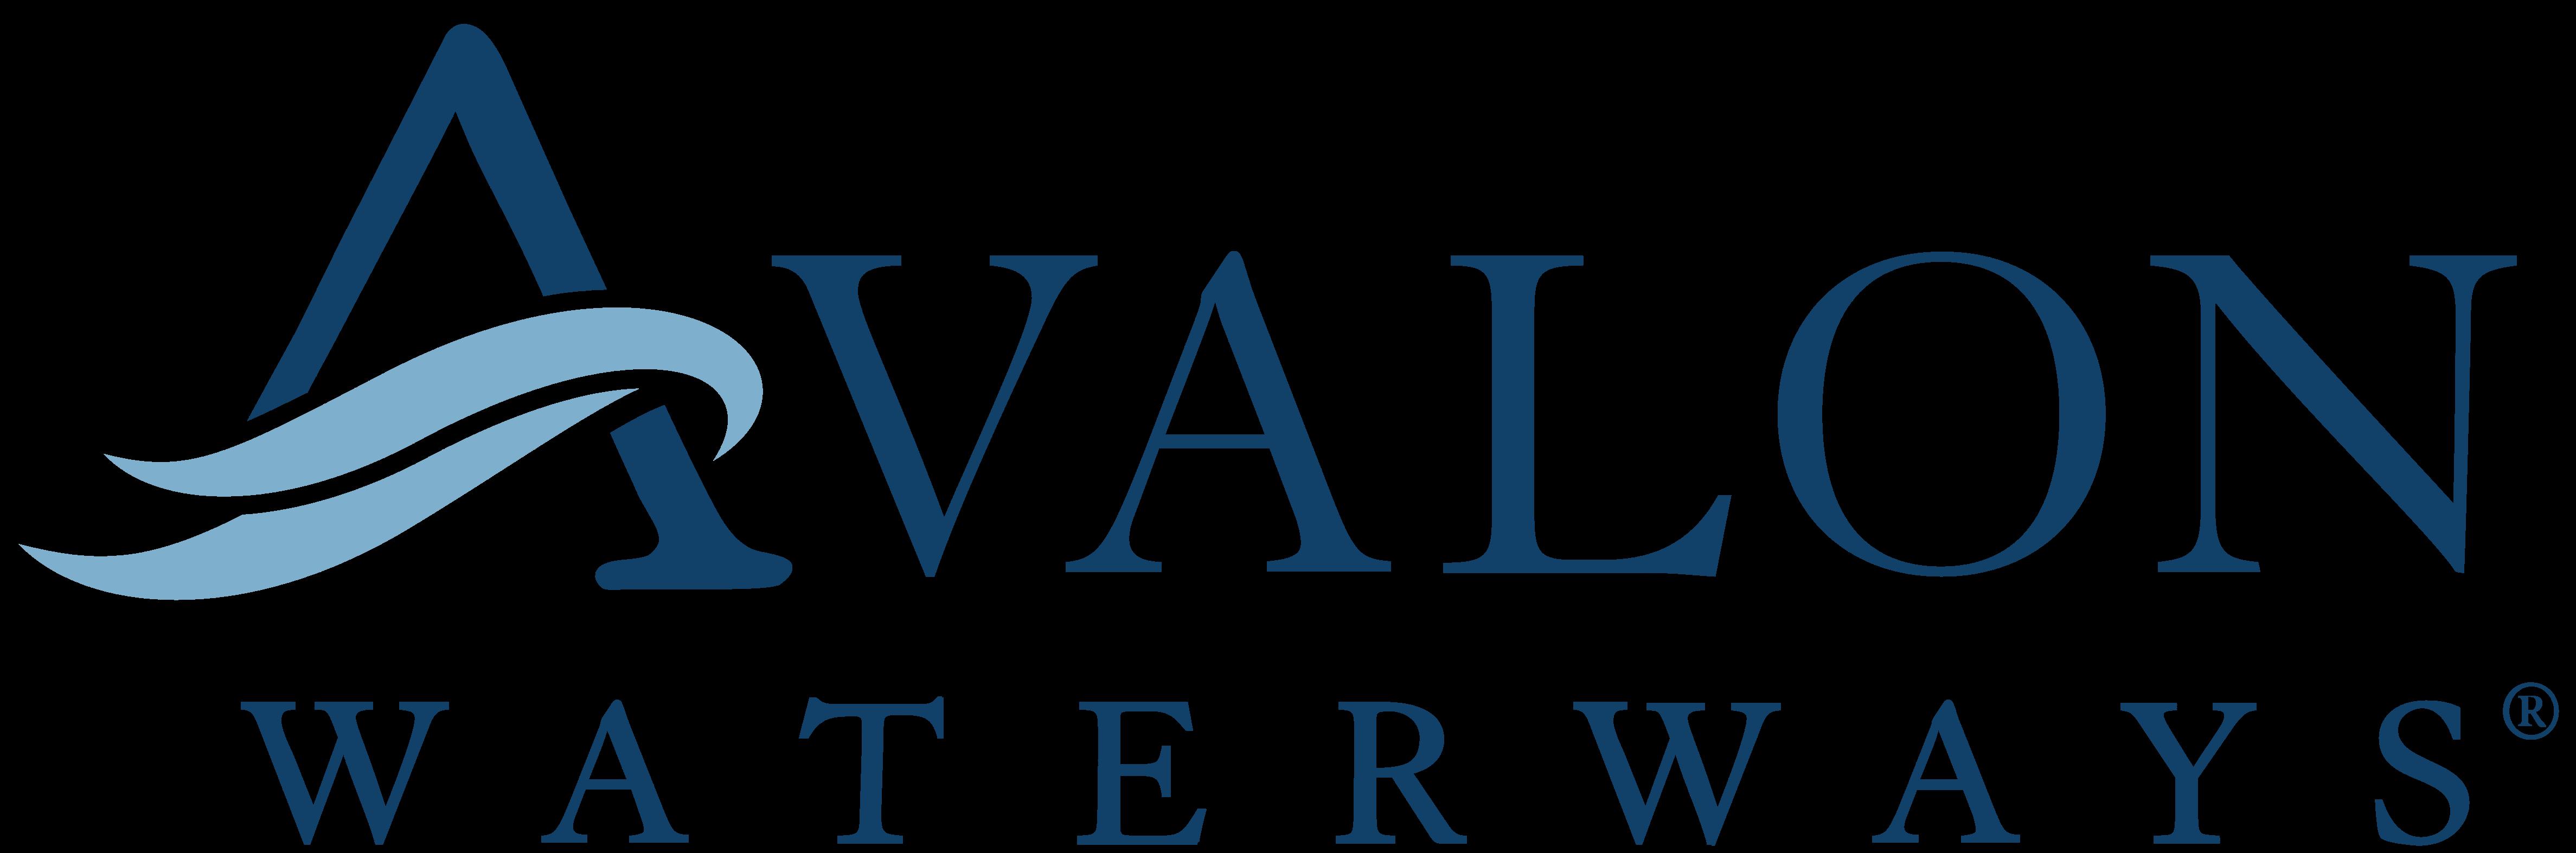 Avalon Waterways Logos Download